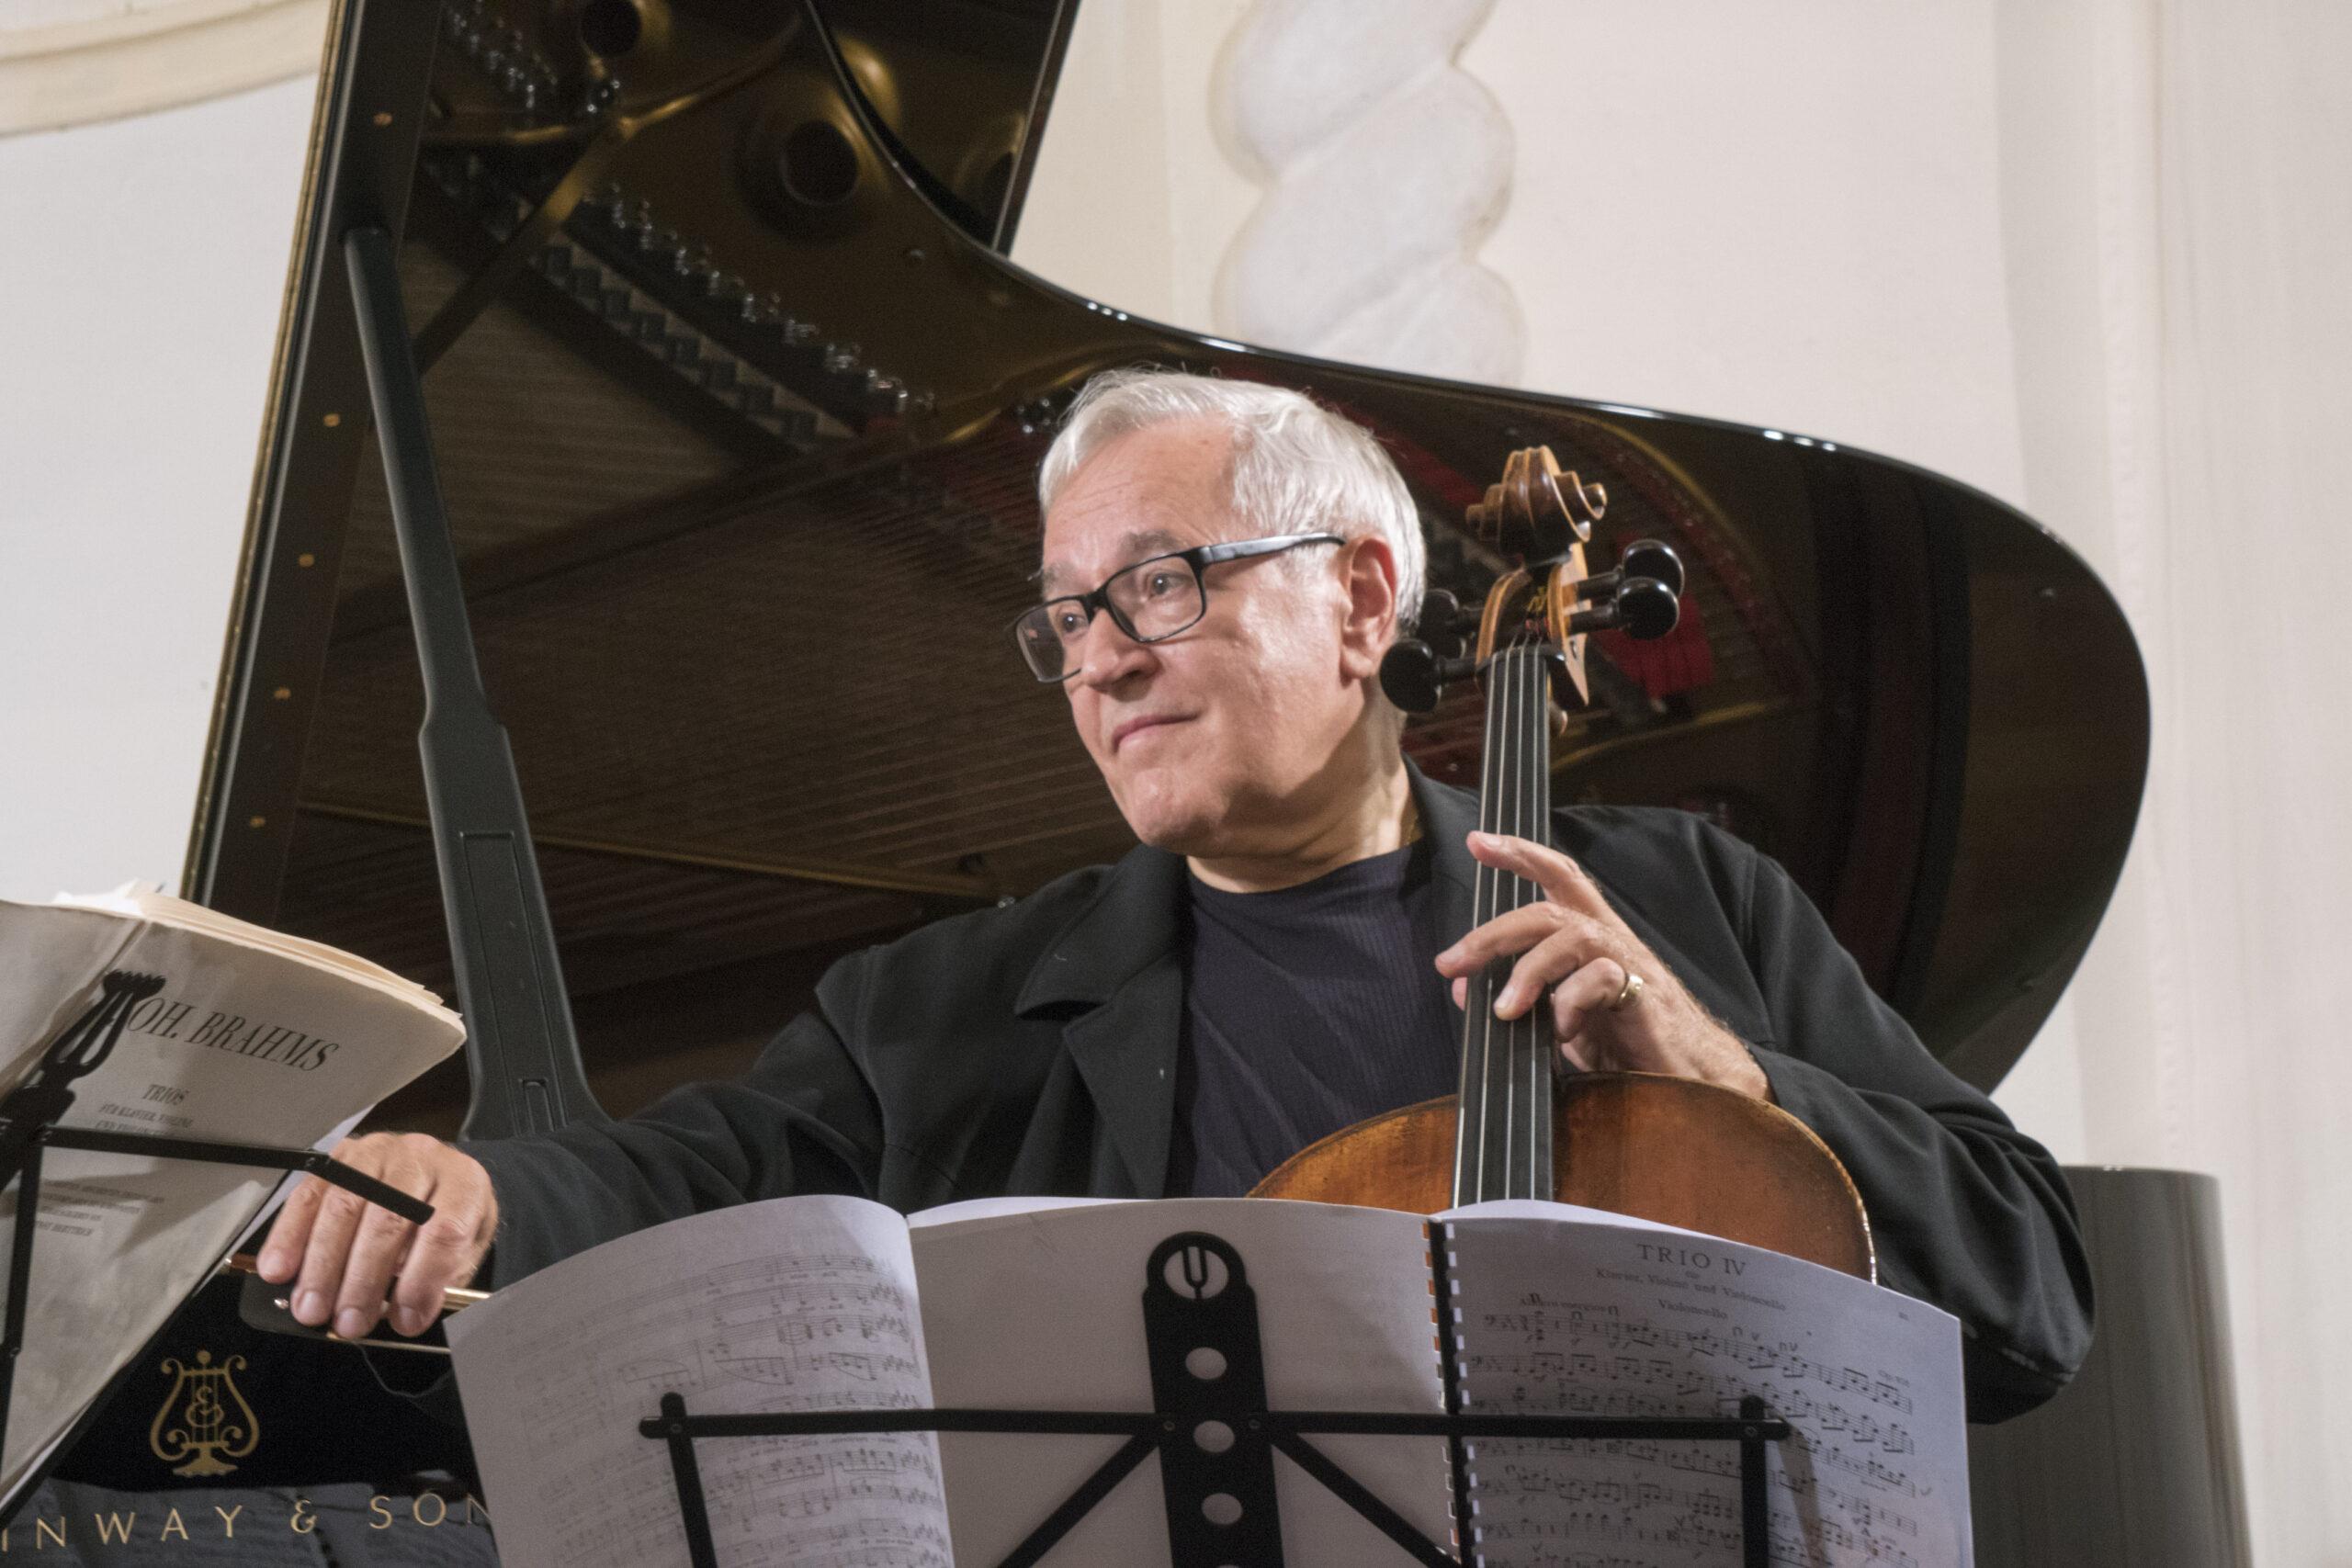 Świnoujście   Uznamski Festiwal Muzyki świętuje na słonecznej wyspie Uznam ponad trzydziestoma koncertami litewsko-niemieckie więzi